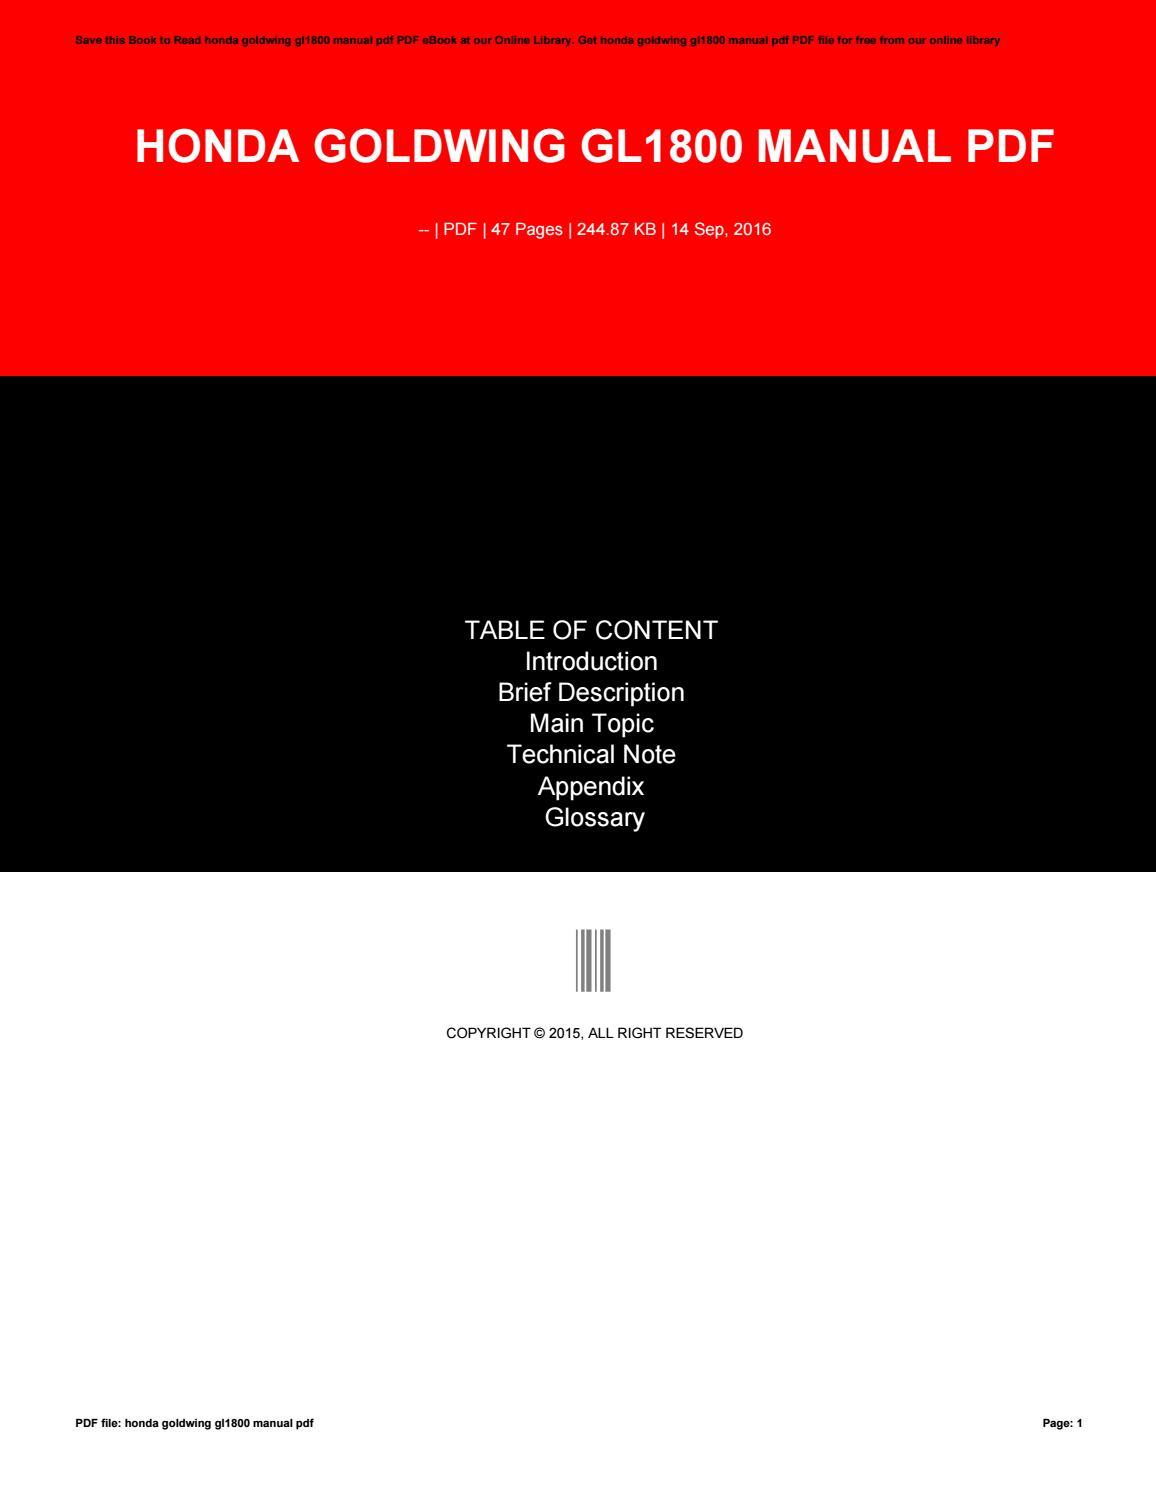 Gl1800 manual pdf.